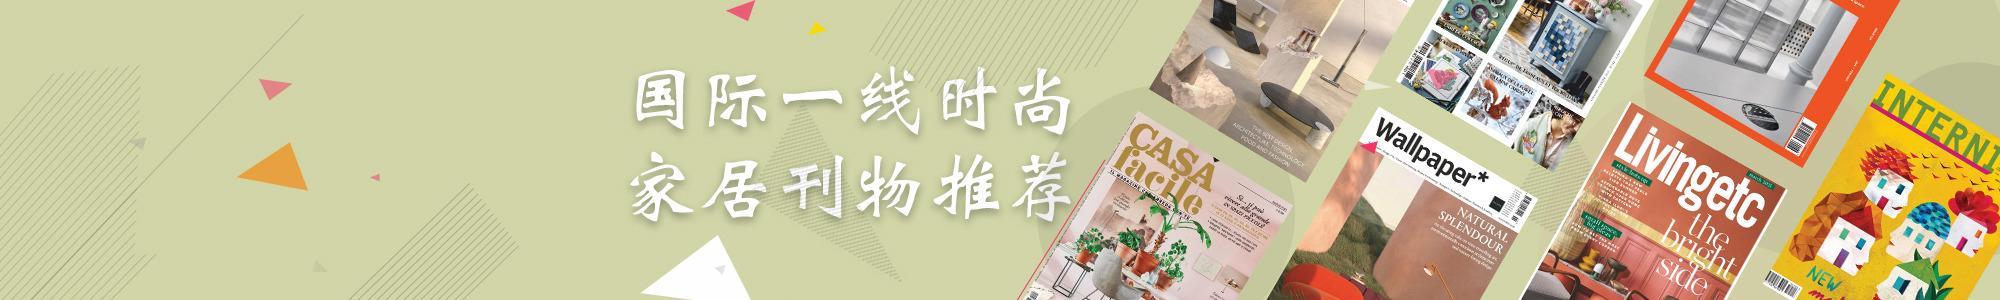 国际一线时尚家居刊物推荐